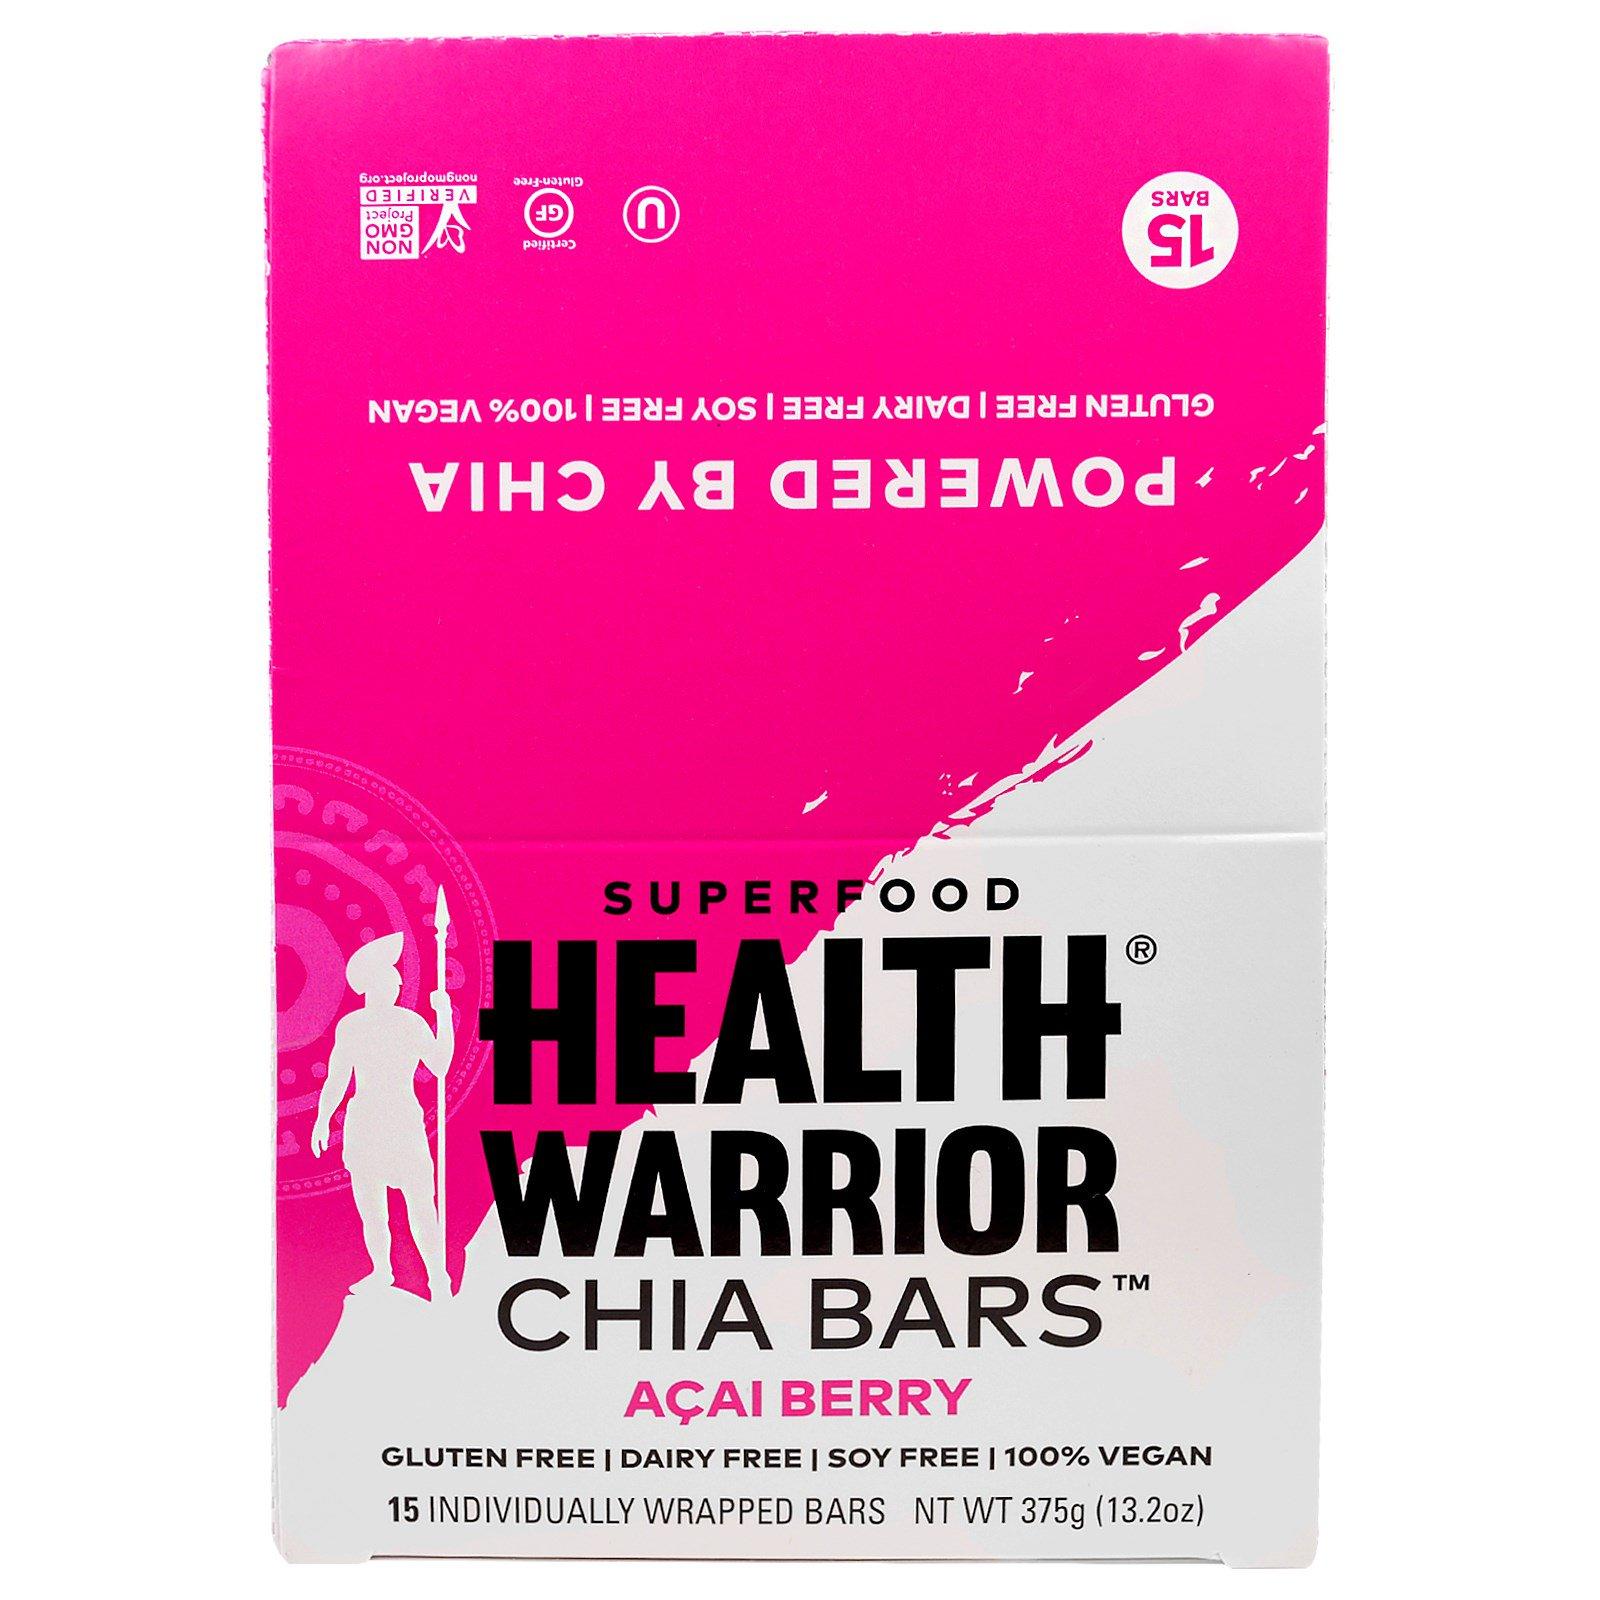 Health Warrior, Inc., Батончики чиа, ягода асаи, 15 батончиков, 375 г (13,2 унций)